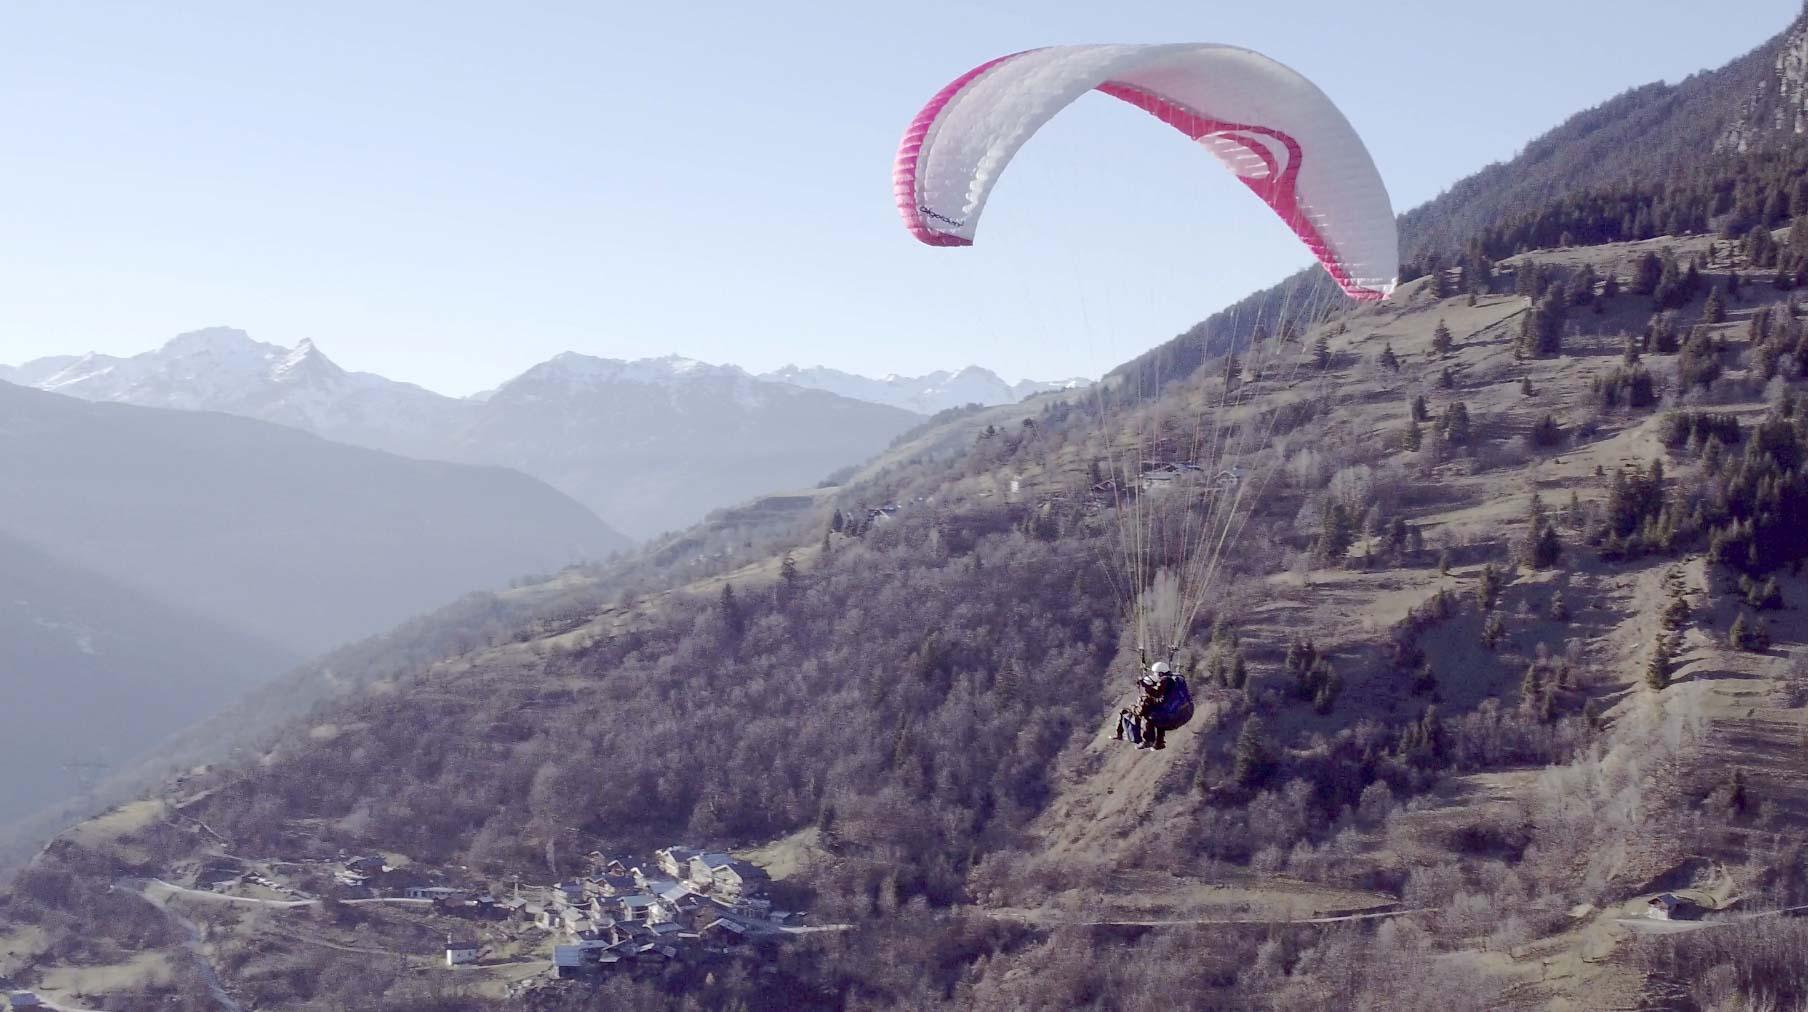 Vue aérienne parapente par drone